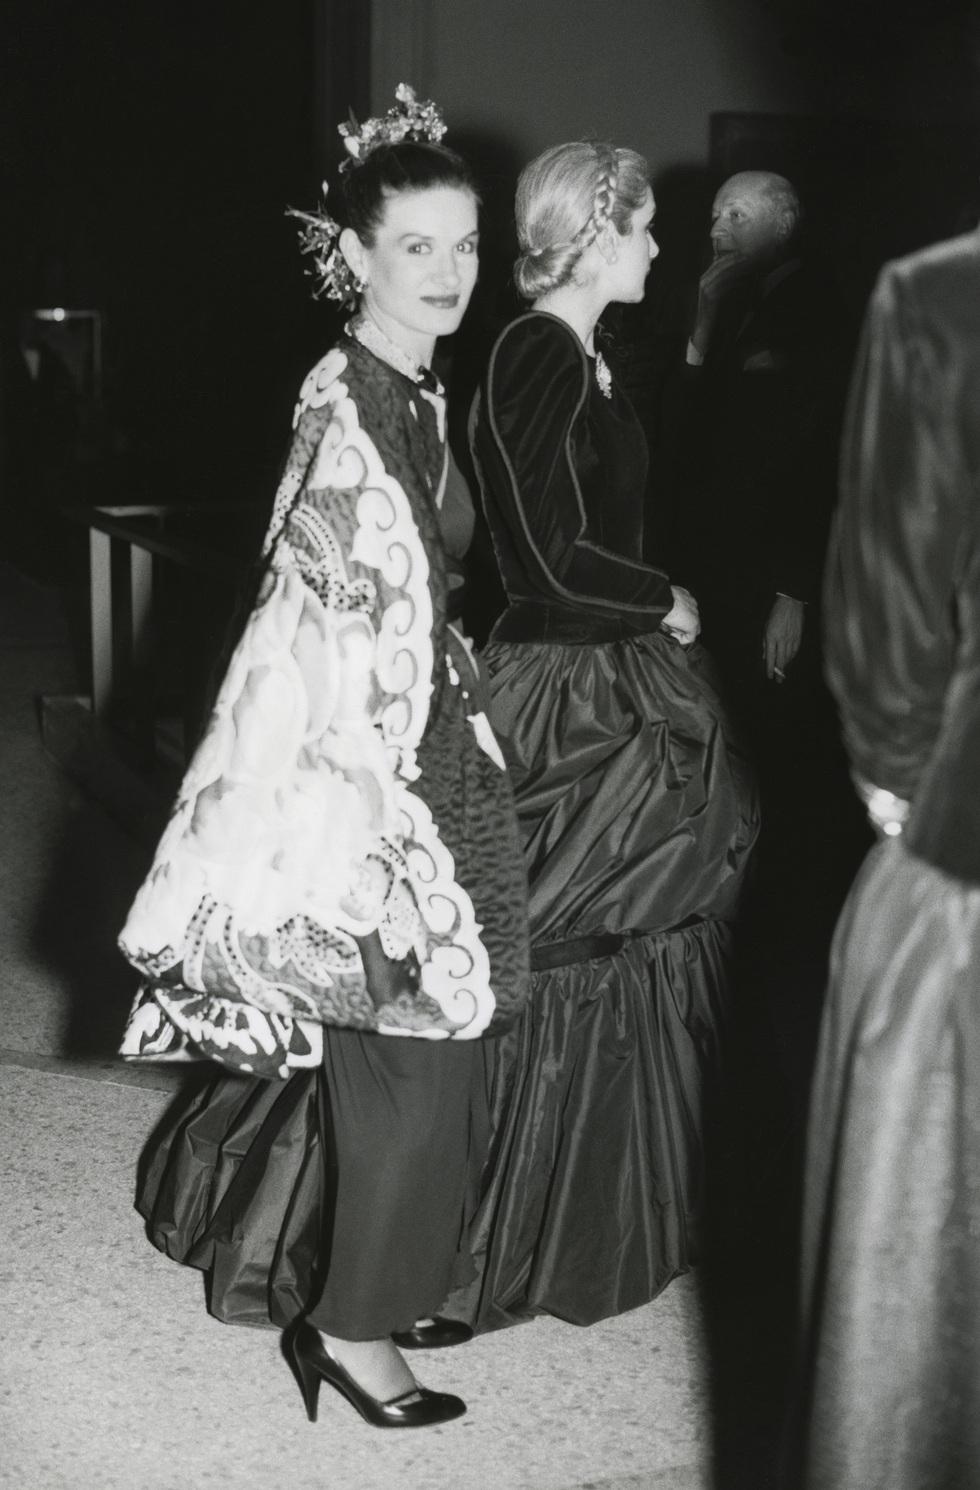 174730b988 Siempre encabezó la lista de las mujeres mejor vestidas, con Paloma  Picasso., y era amiga de Steve Rubell, dueño de Studio 54. / CORBIS Y  GETTYGetty